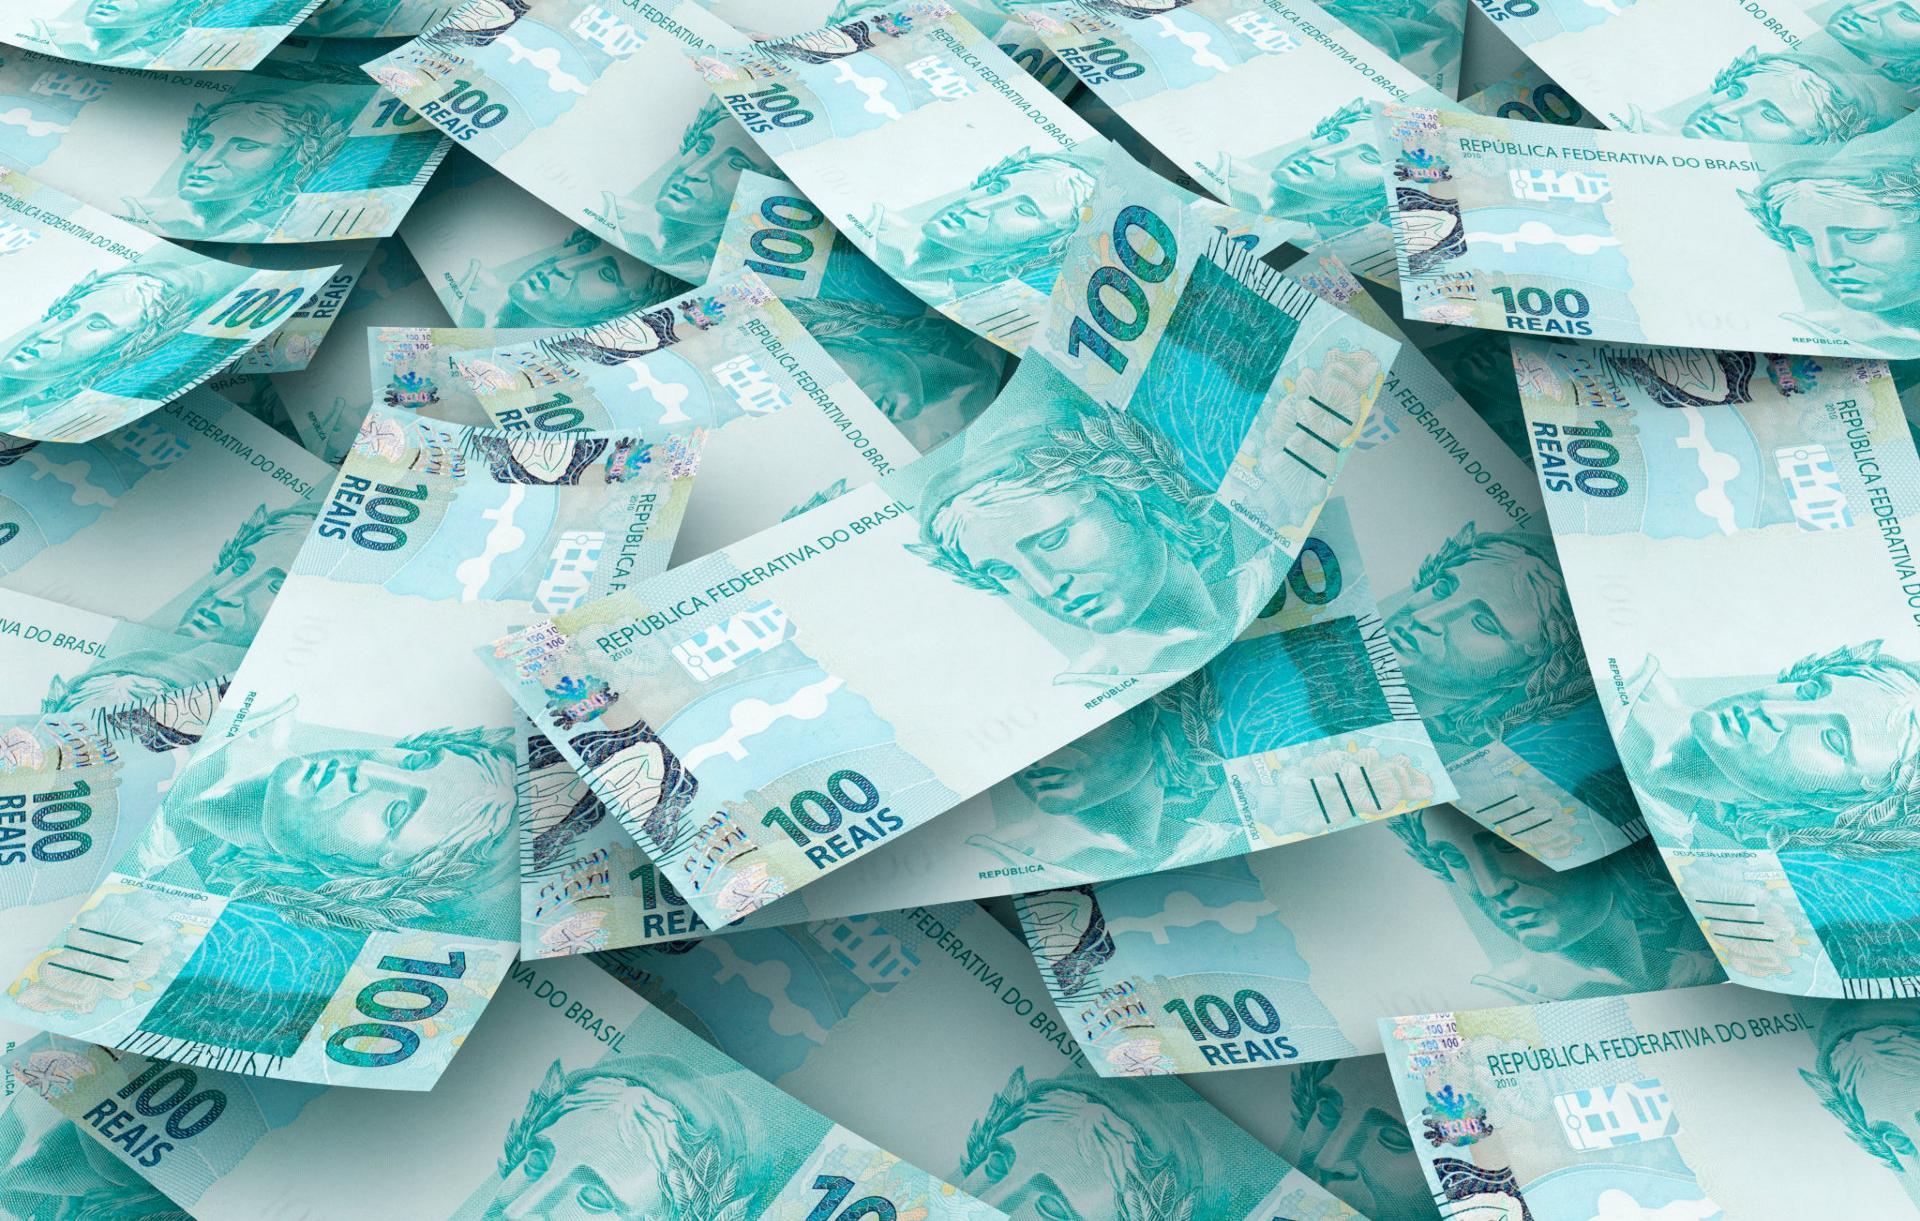 Novos robôs permitem que qualquer um vire investidor a partir de R$ 100